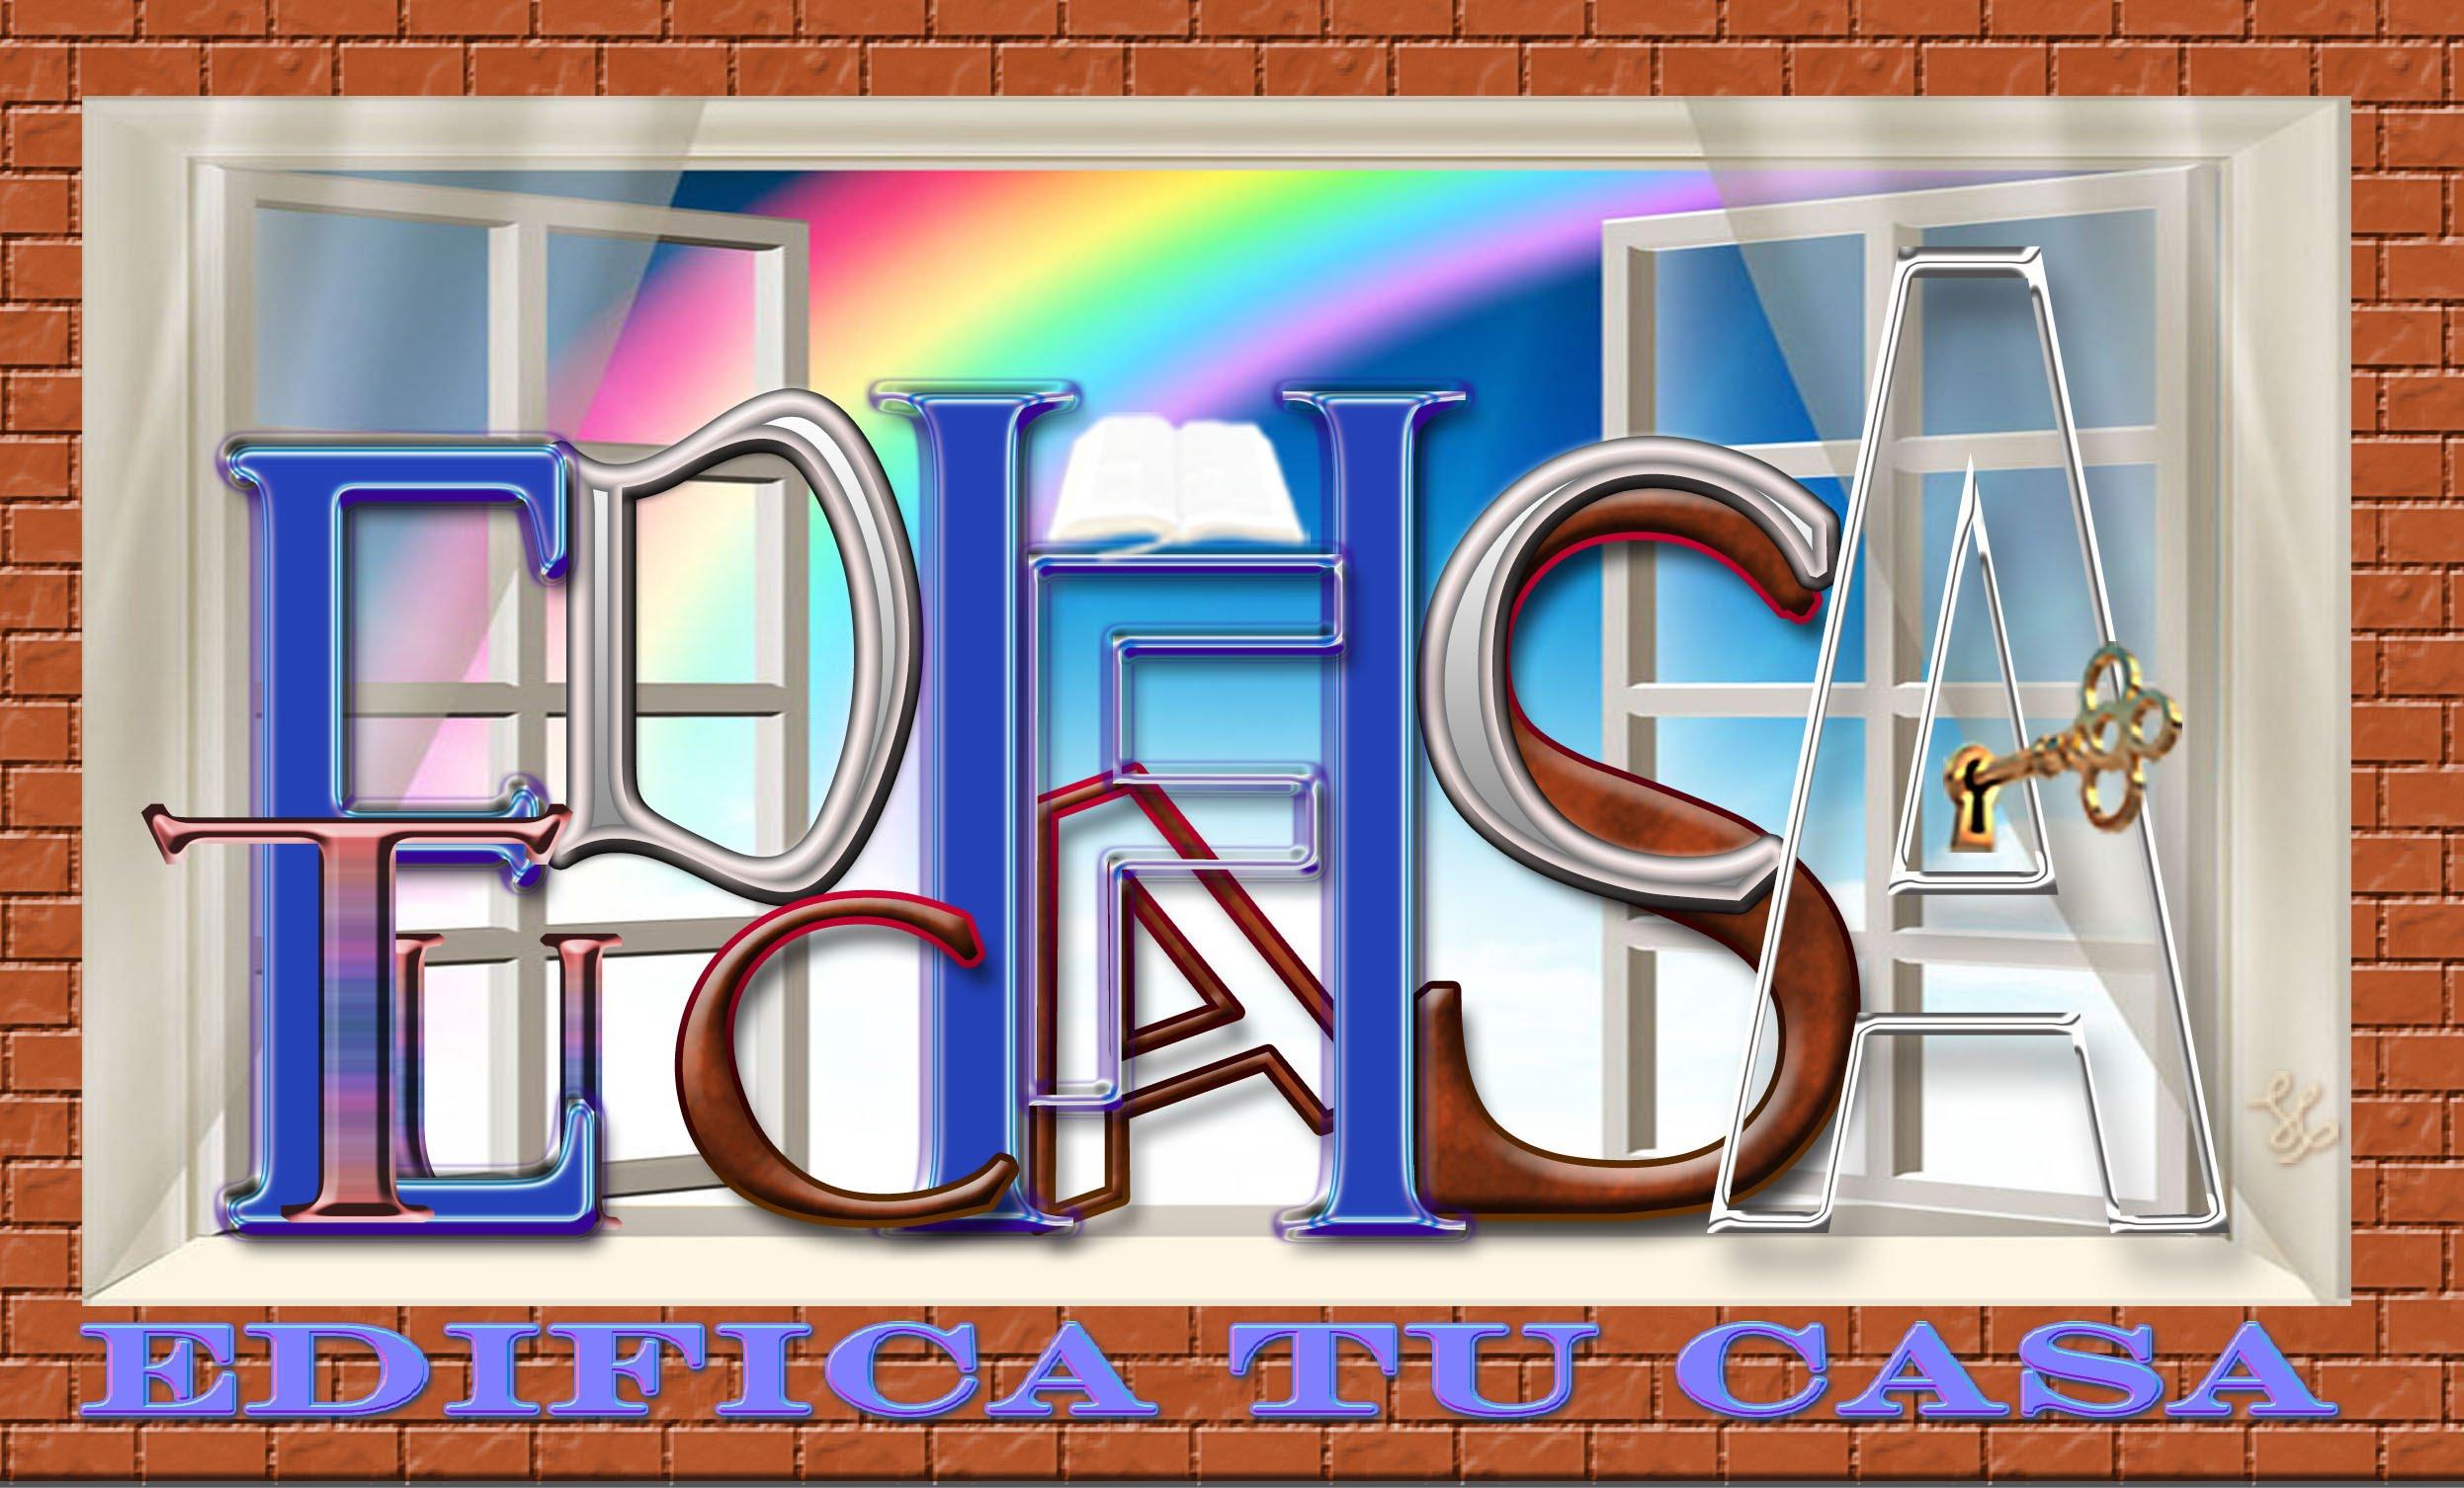 www.mujervirtuosaministries.org/temas